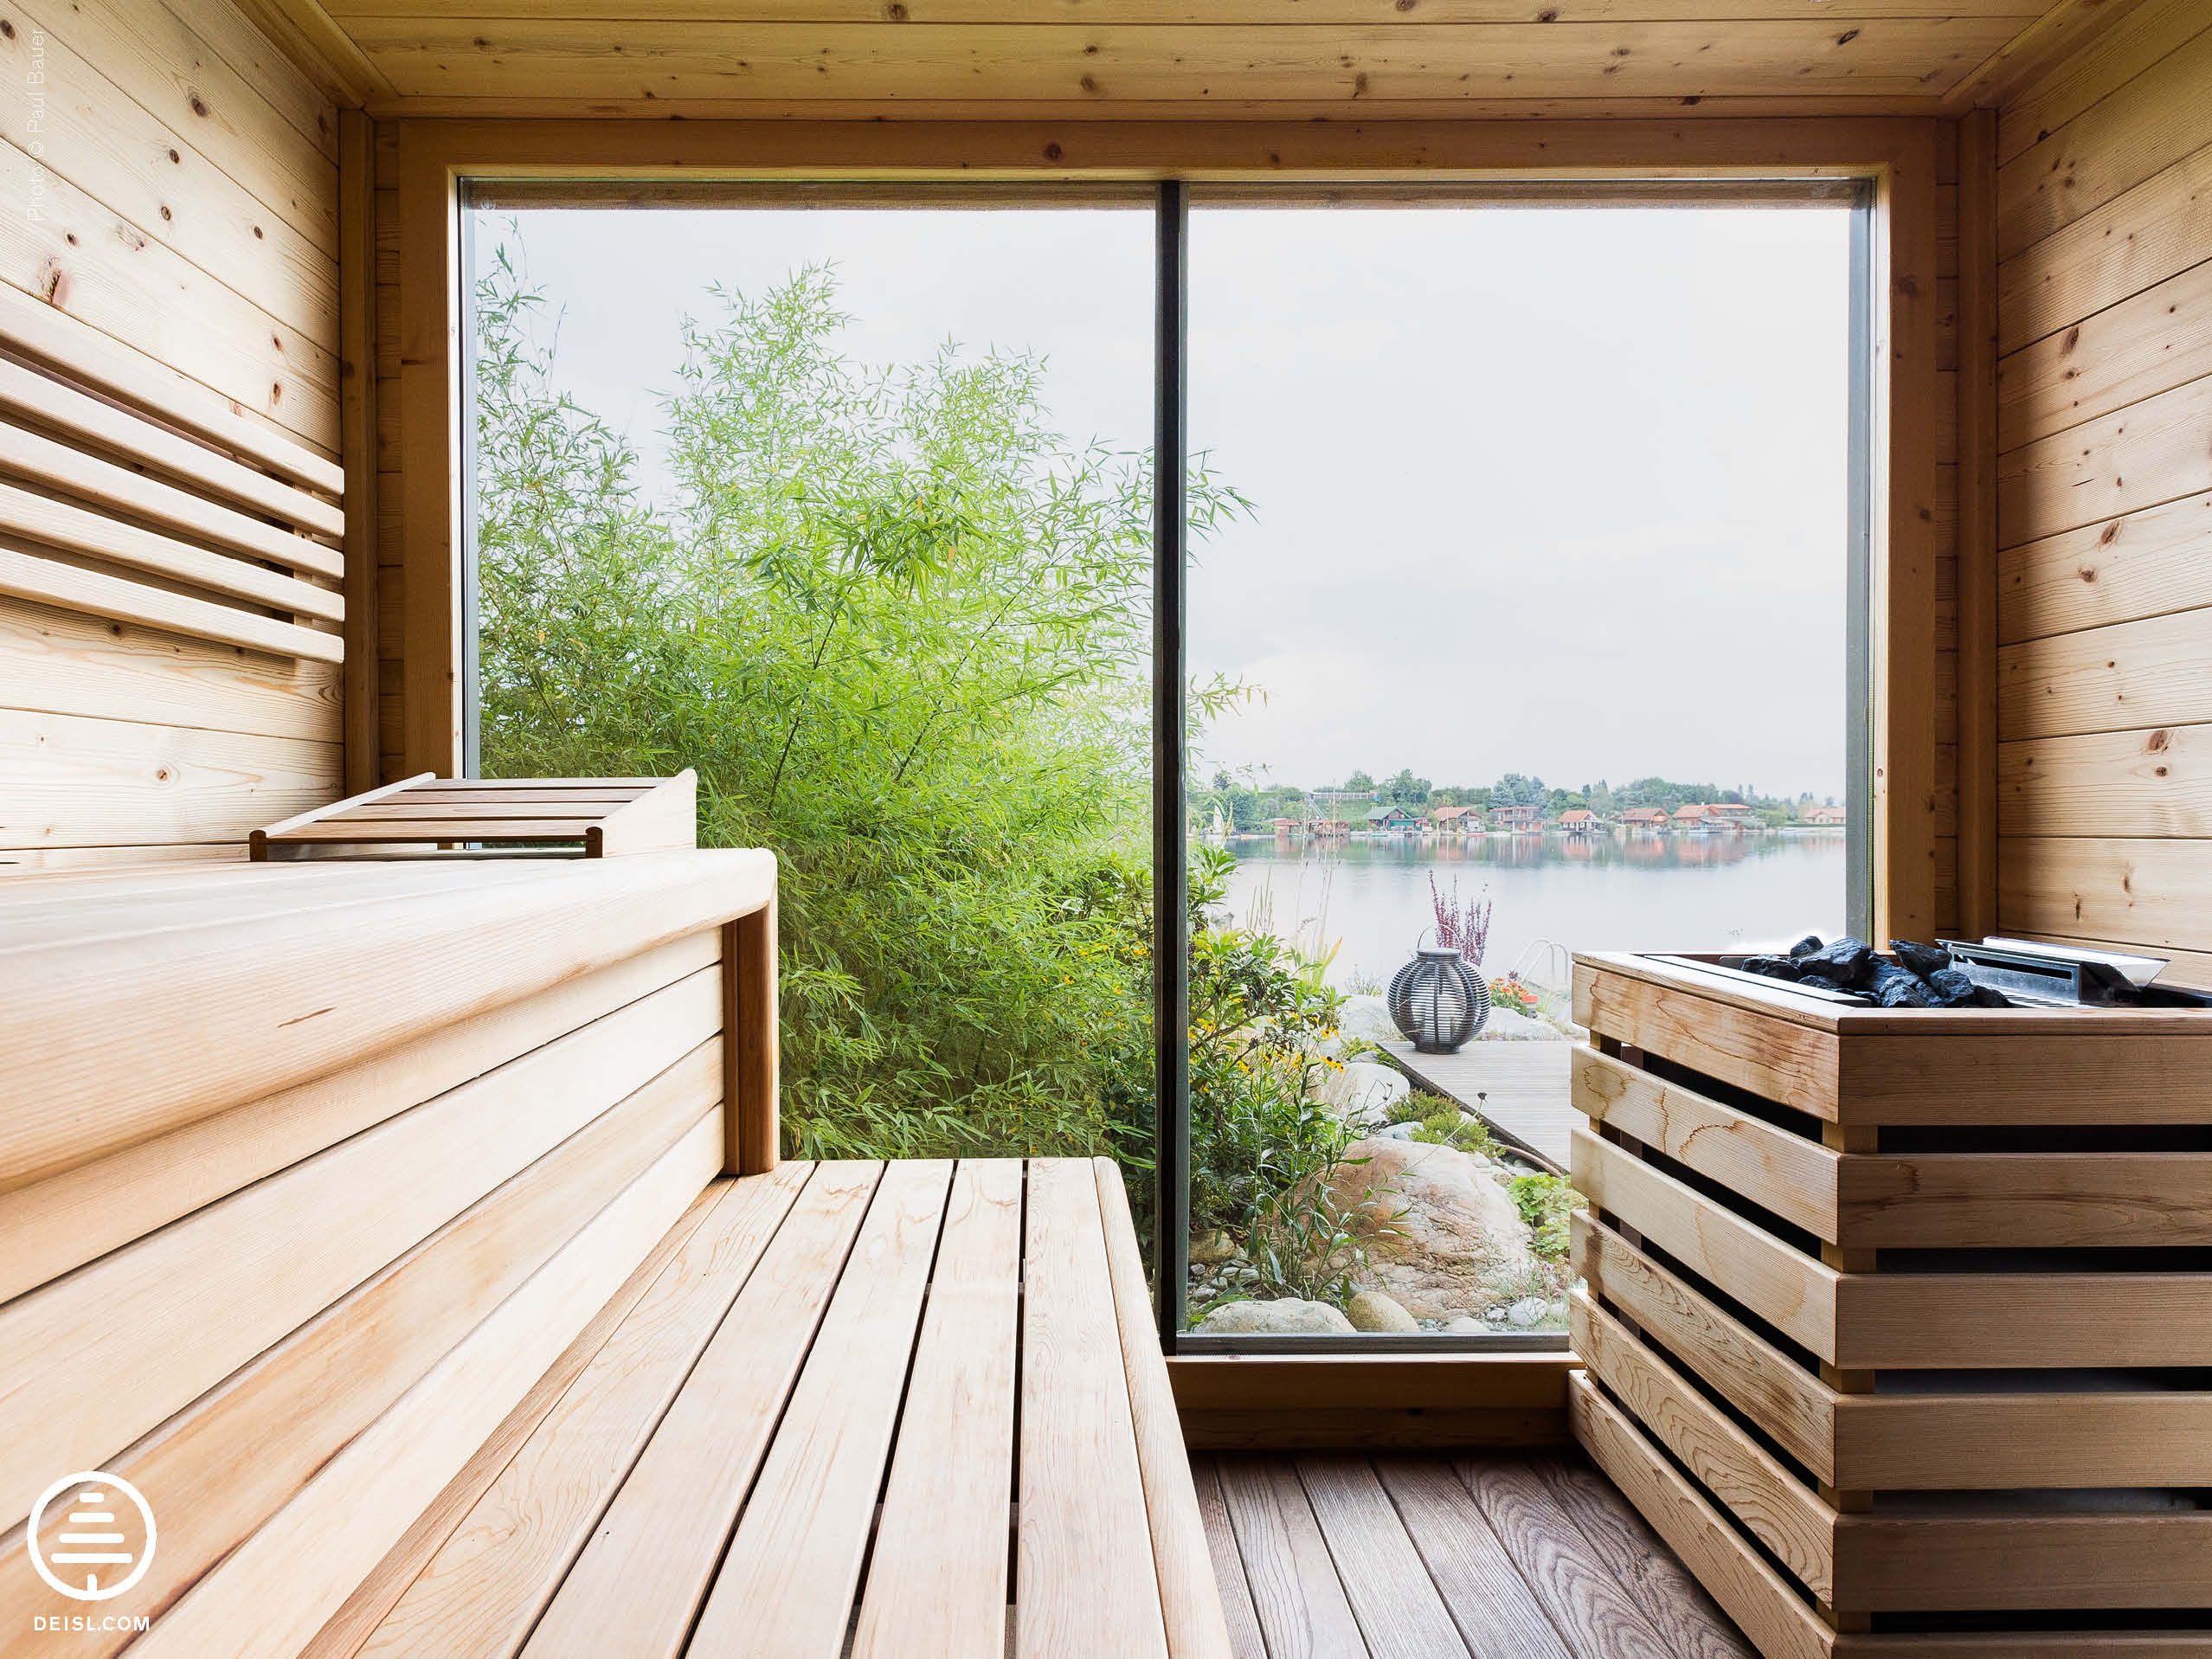 freistehende aussensauna aus fichte von deisl ged mpft und geb rstet sauna. Black Bedroom Furniture Sets. Home Design Ideas